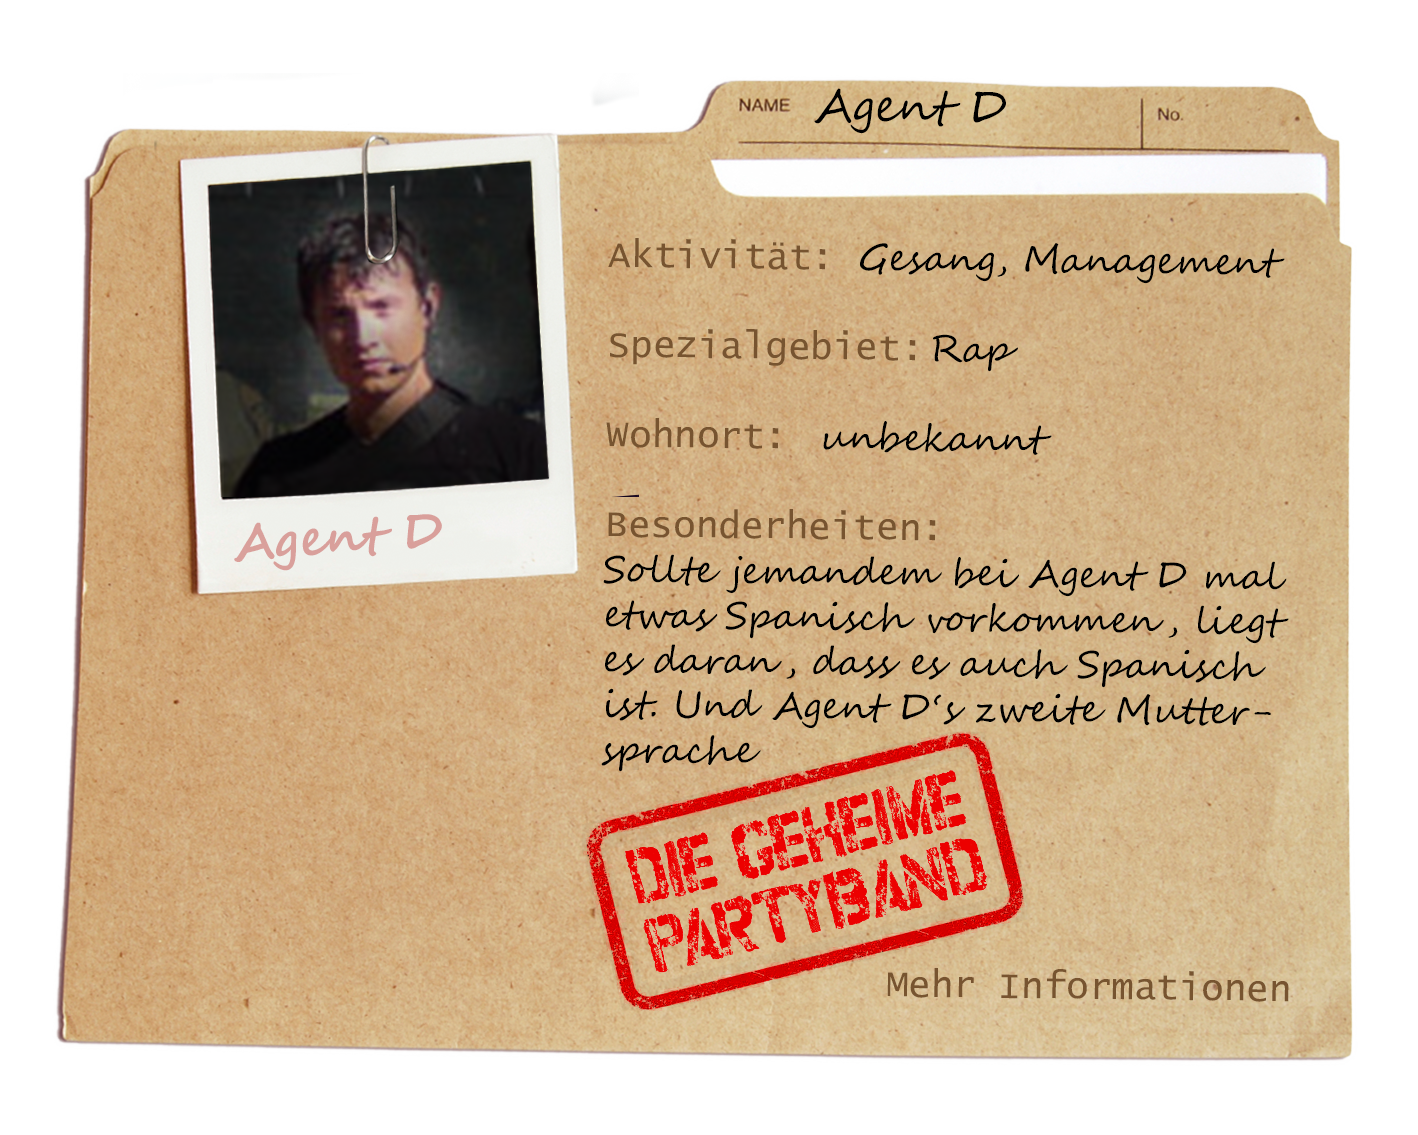 Partyband München - Agent D